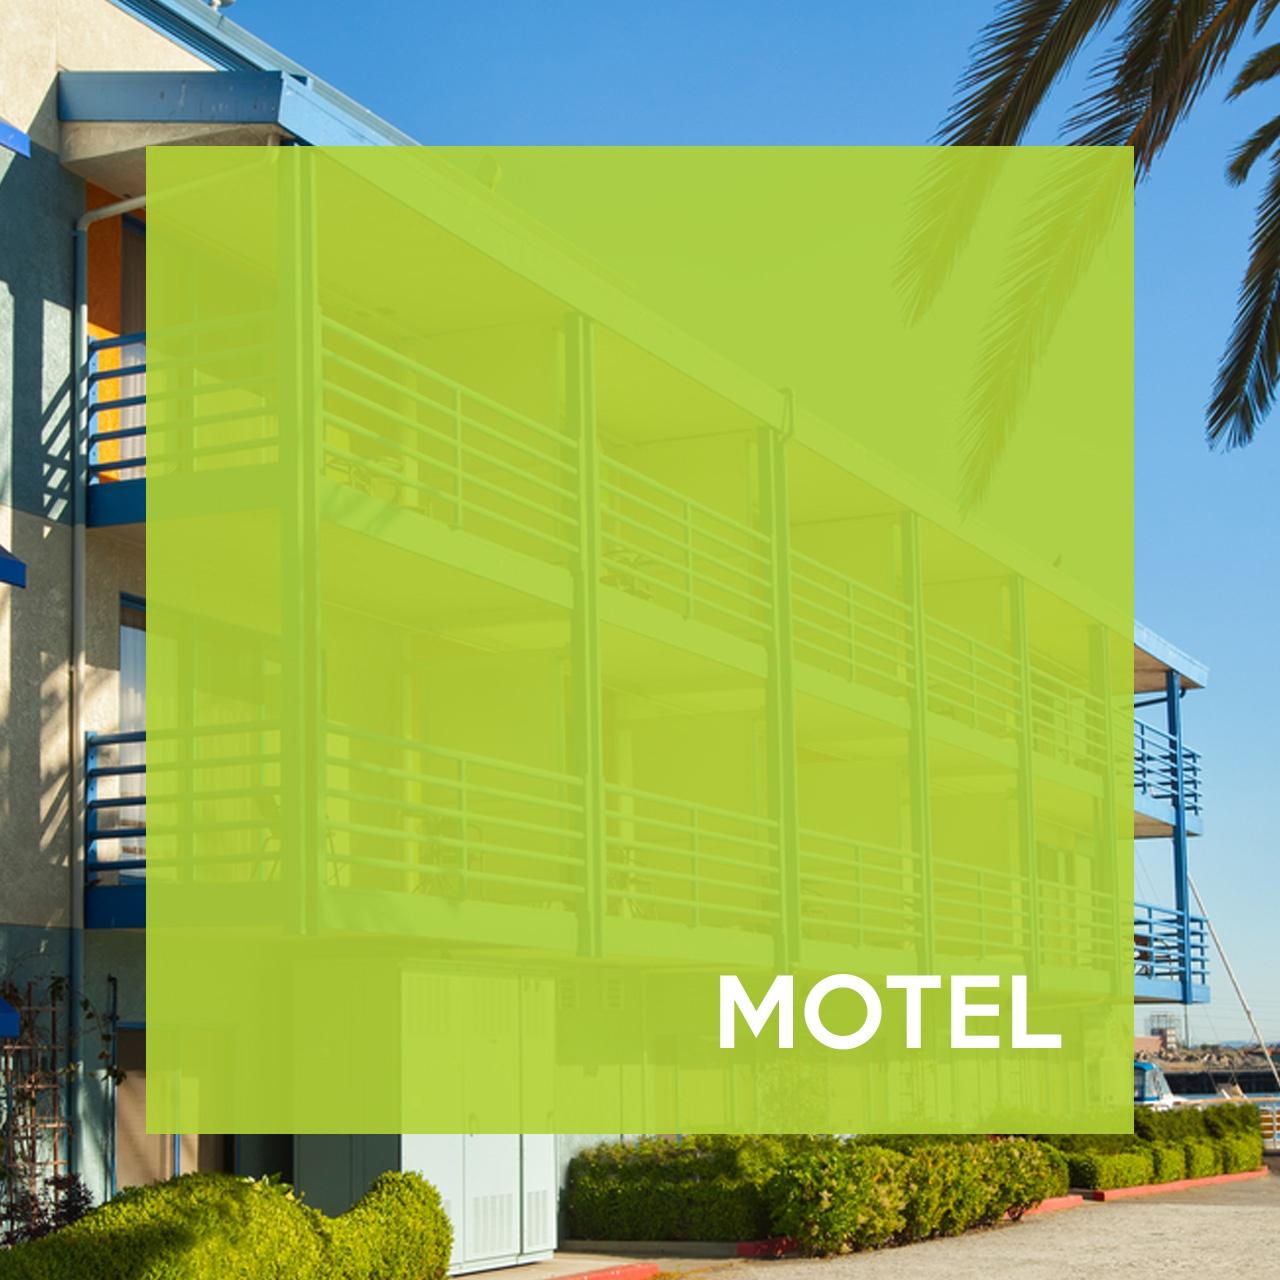 AMI_COMMERCIAL__motel_-_021.jpg